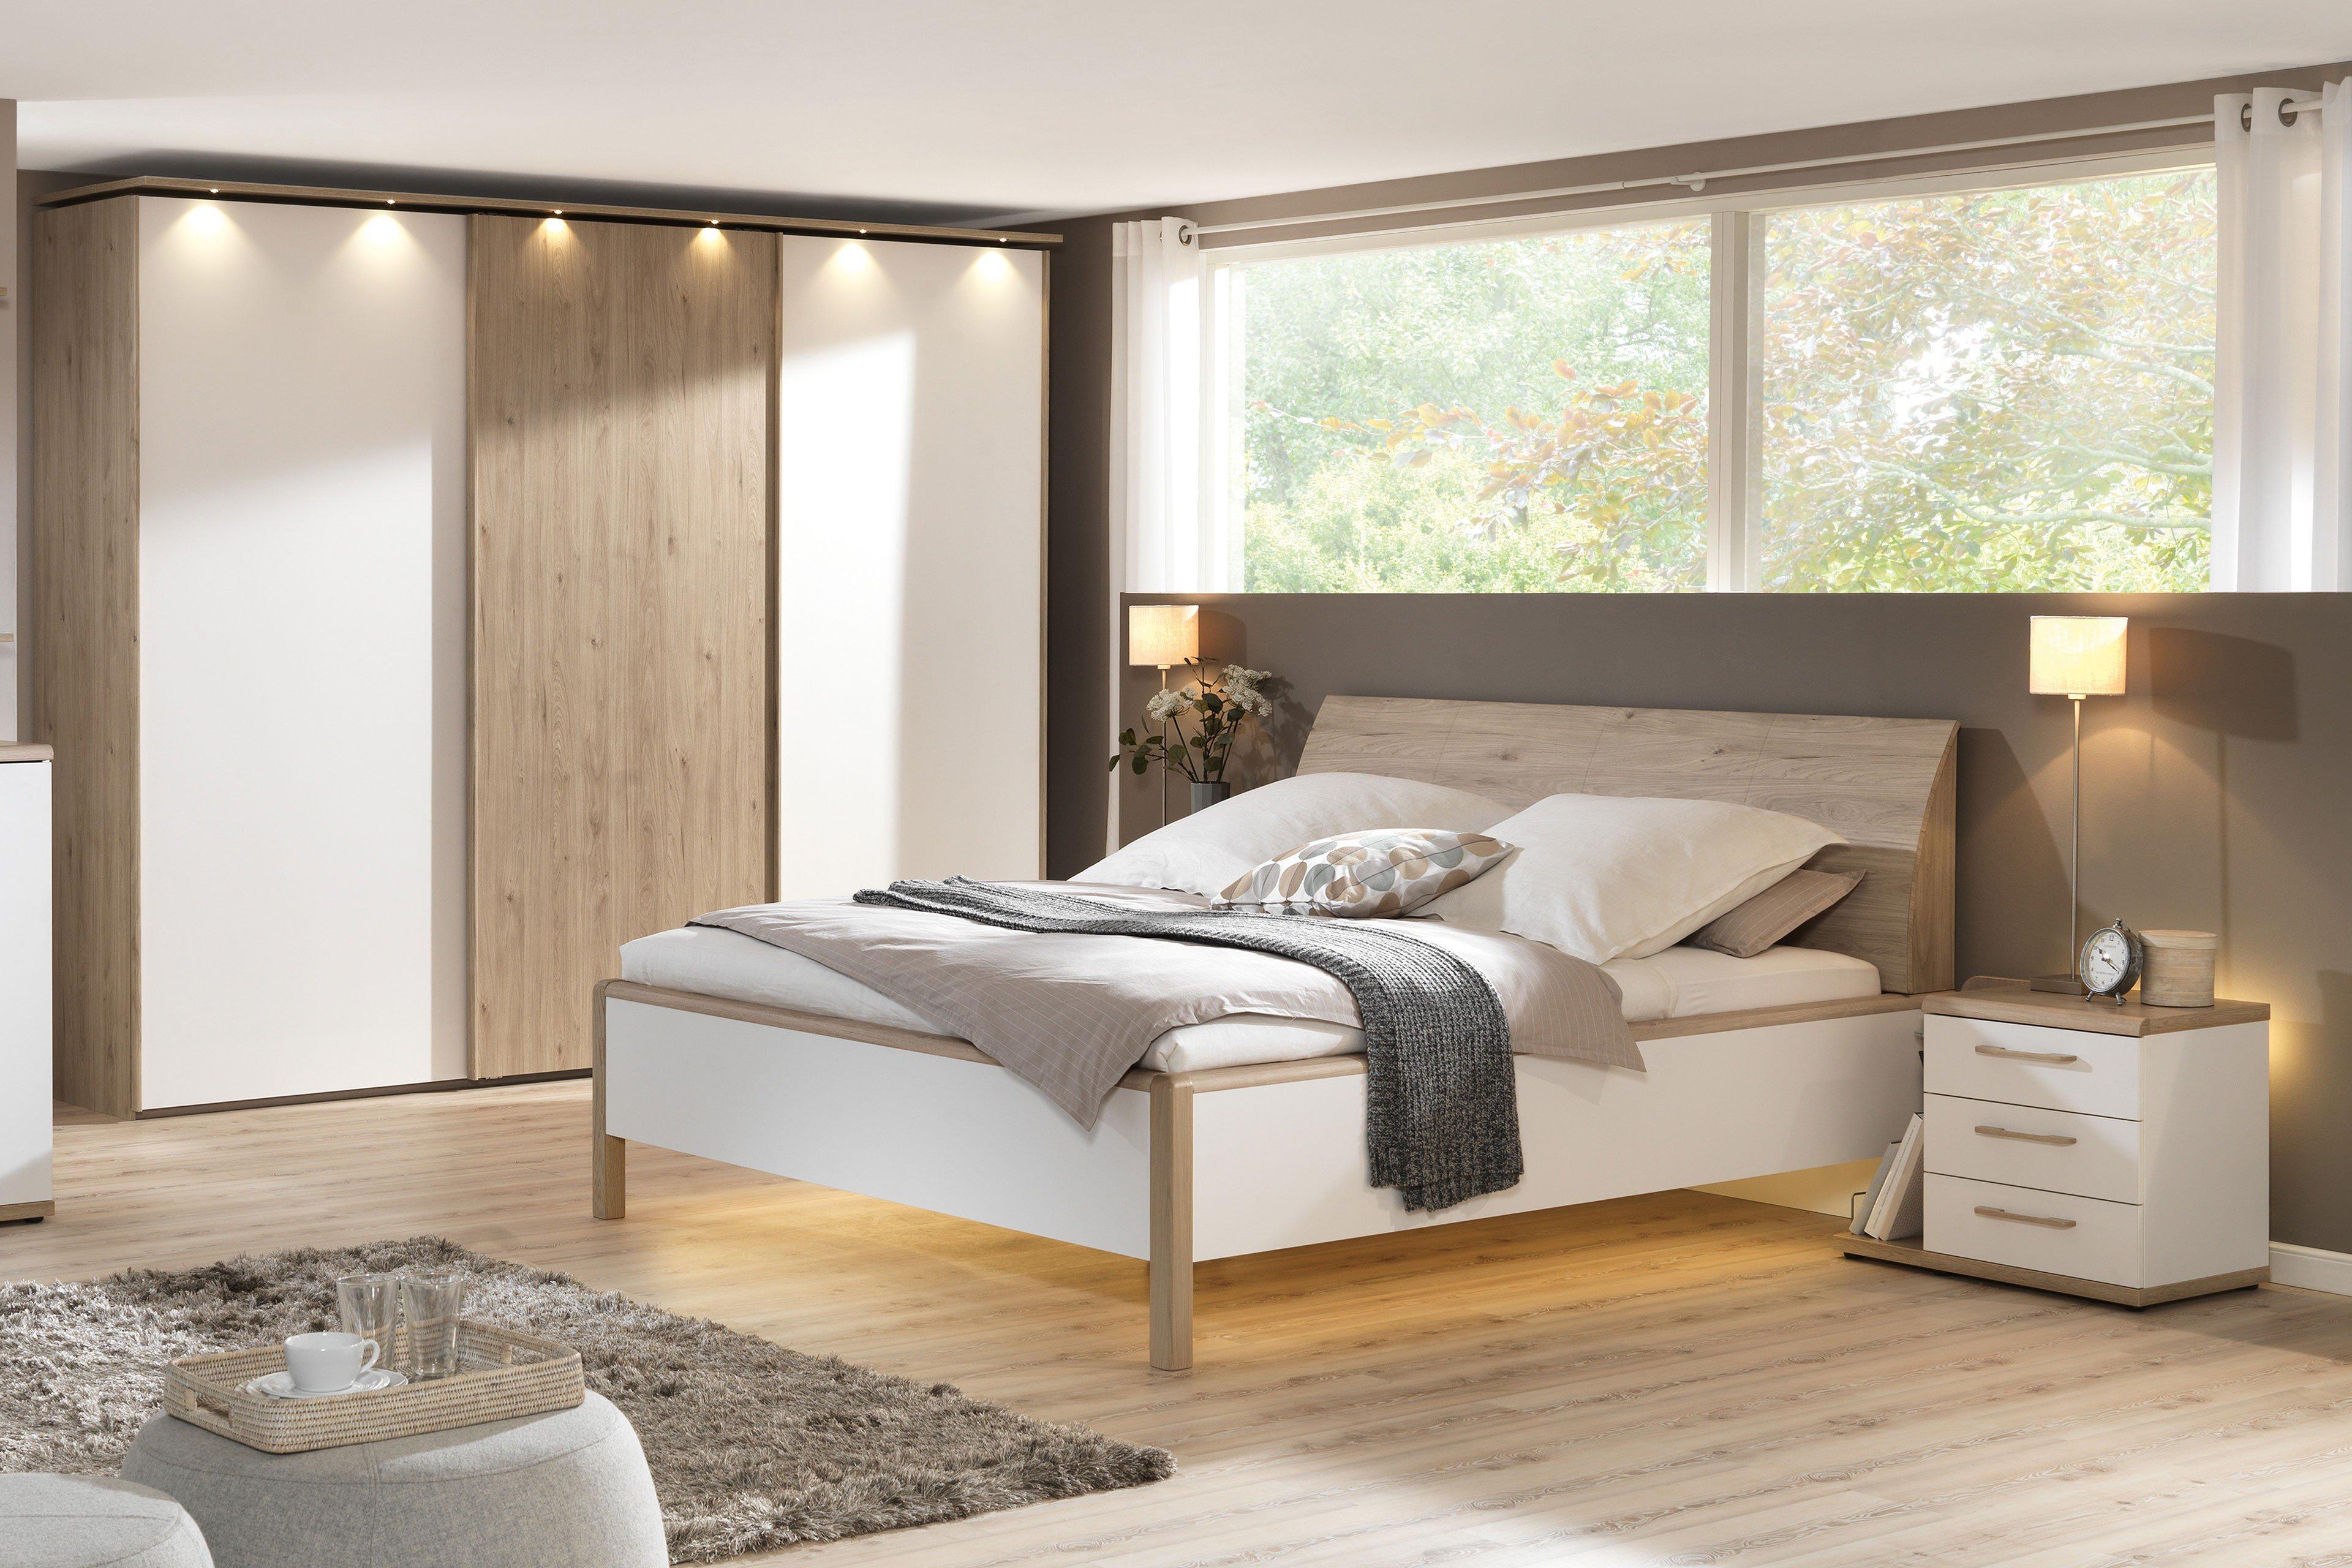 Wellemöbel Komplett Schlafzimmer Ageless Living Möbel Letz Ihr